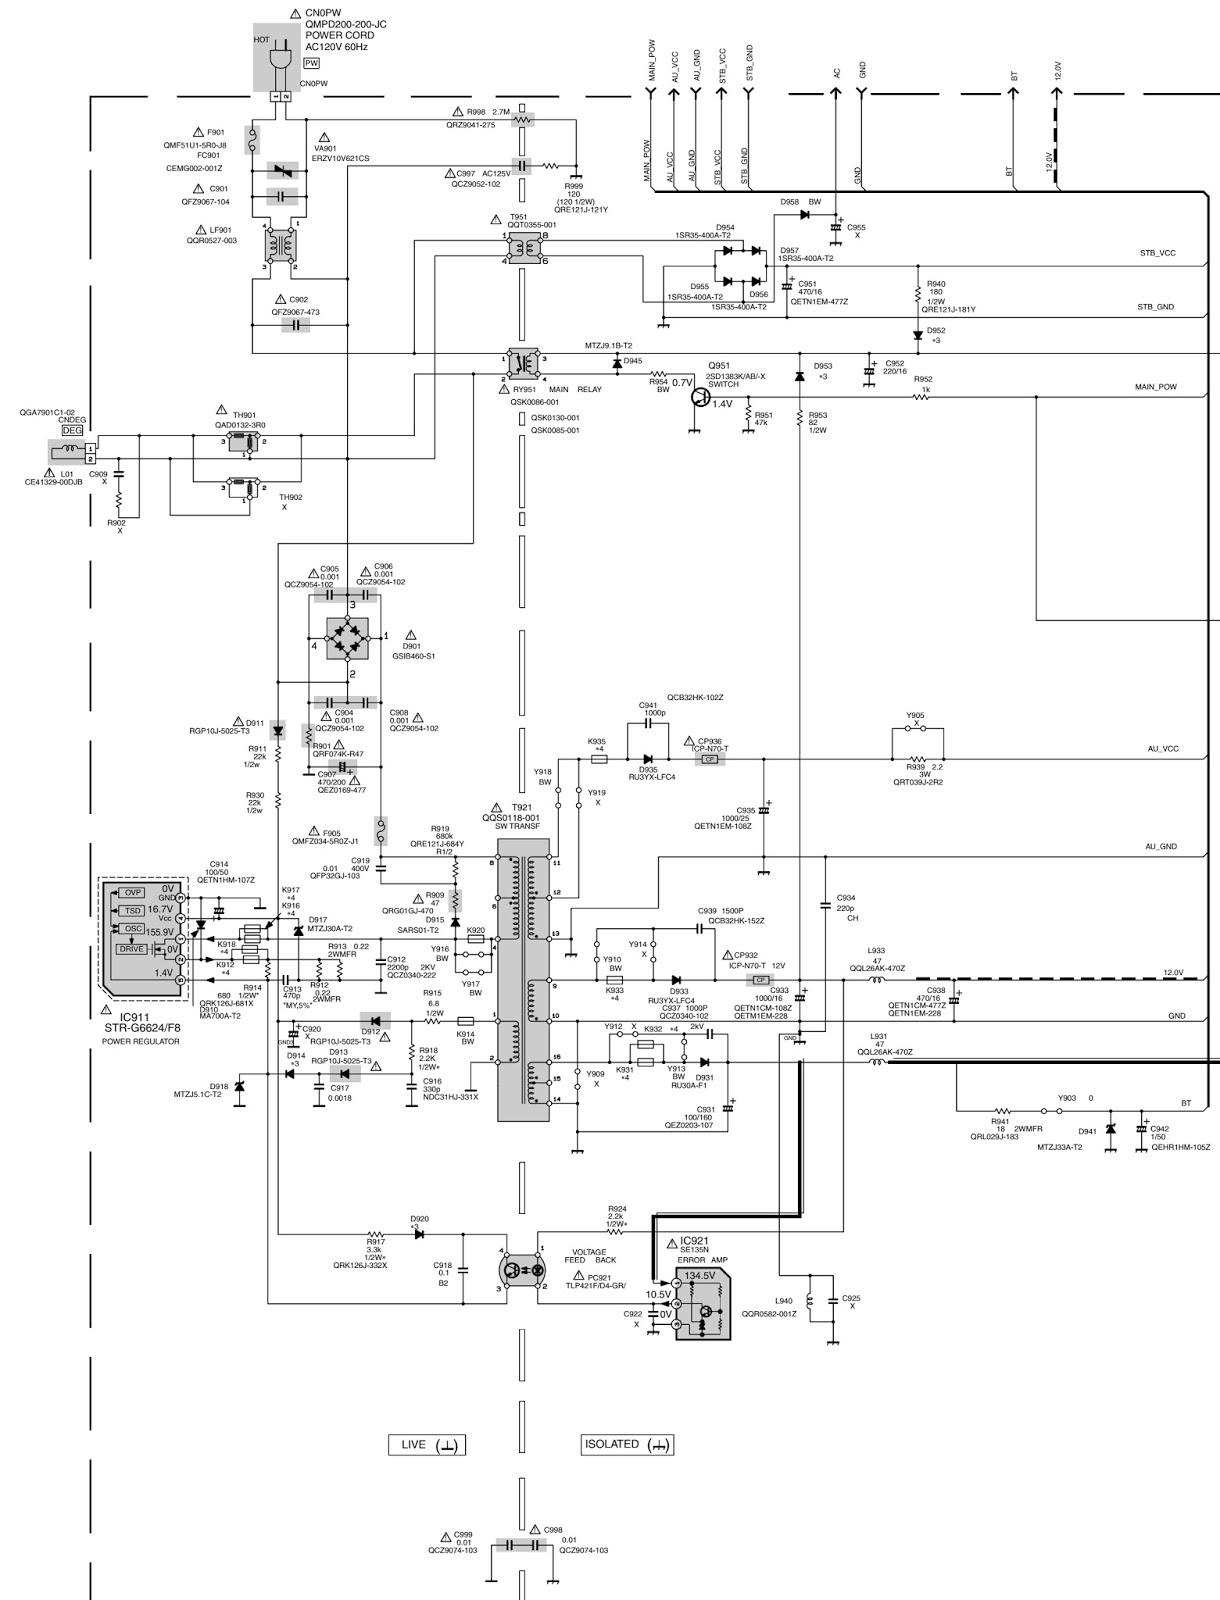 hight resolution of bodine b50 wiring diagram wiring diagram repair guides fbp 1 40x wiring diagram source simkar emergency ballast